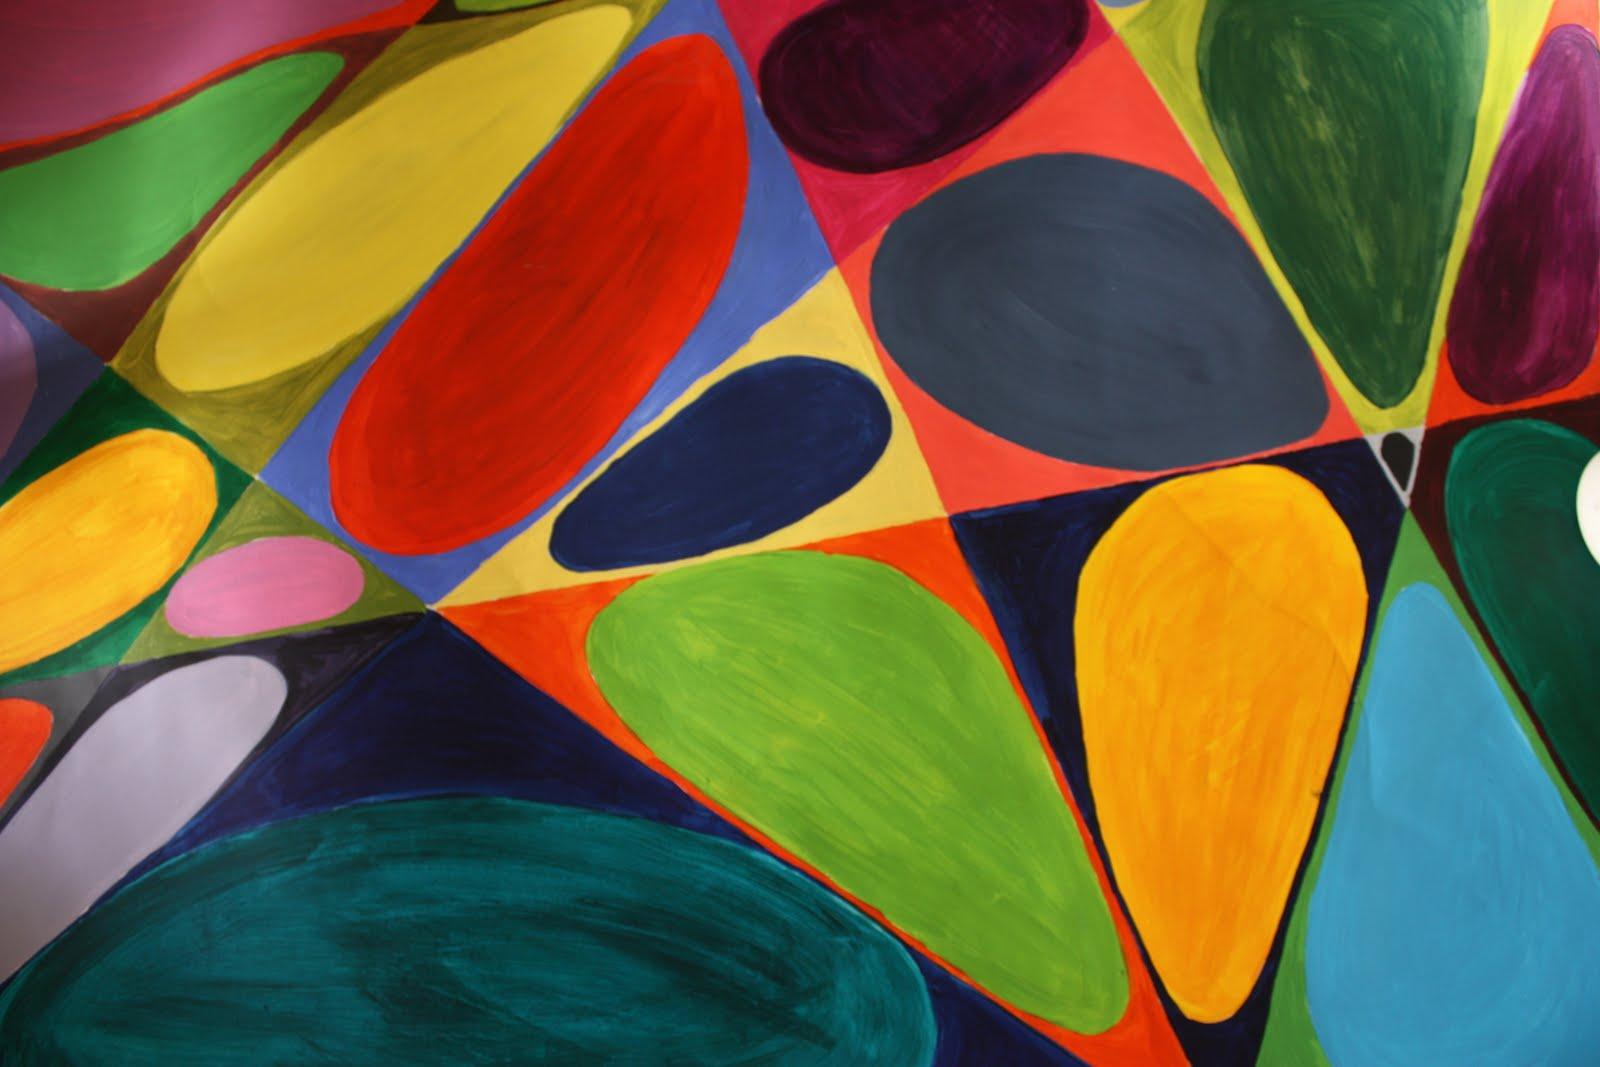 2d vormgeving juli 2011 - Kleur schilderij ingang ...